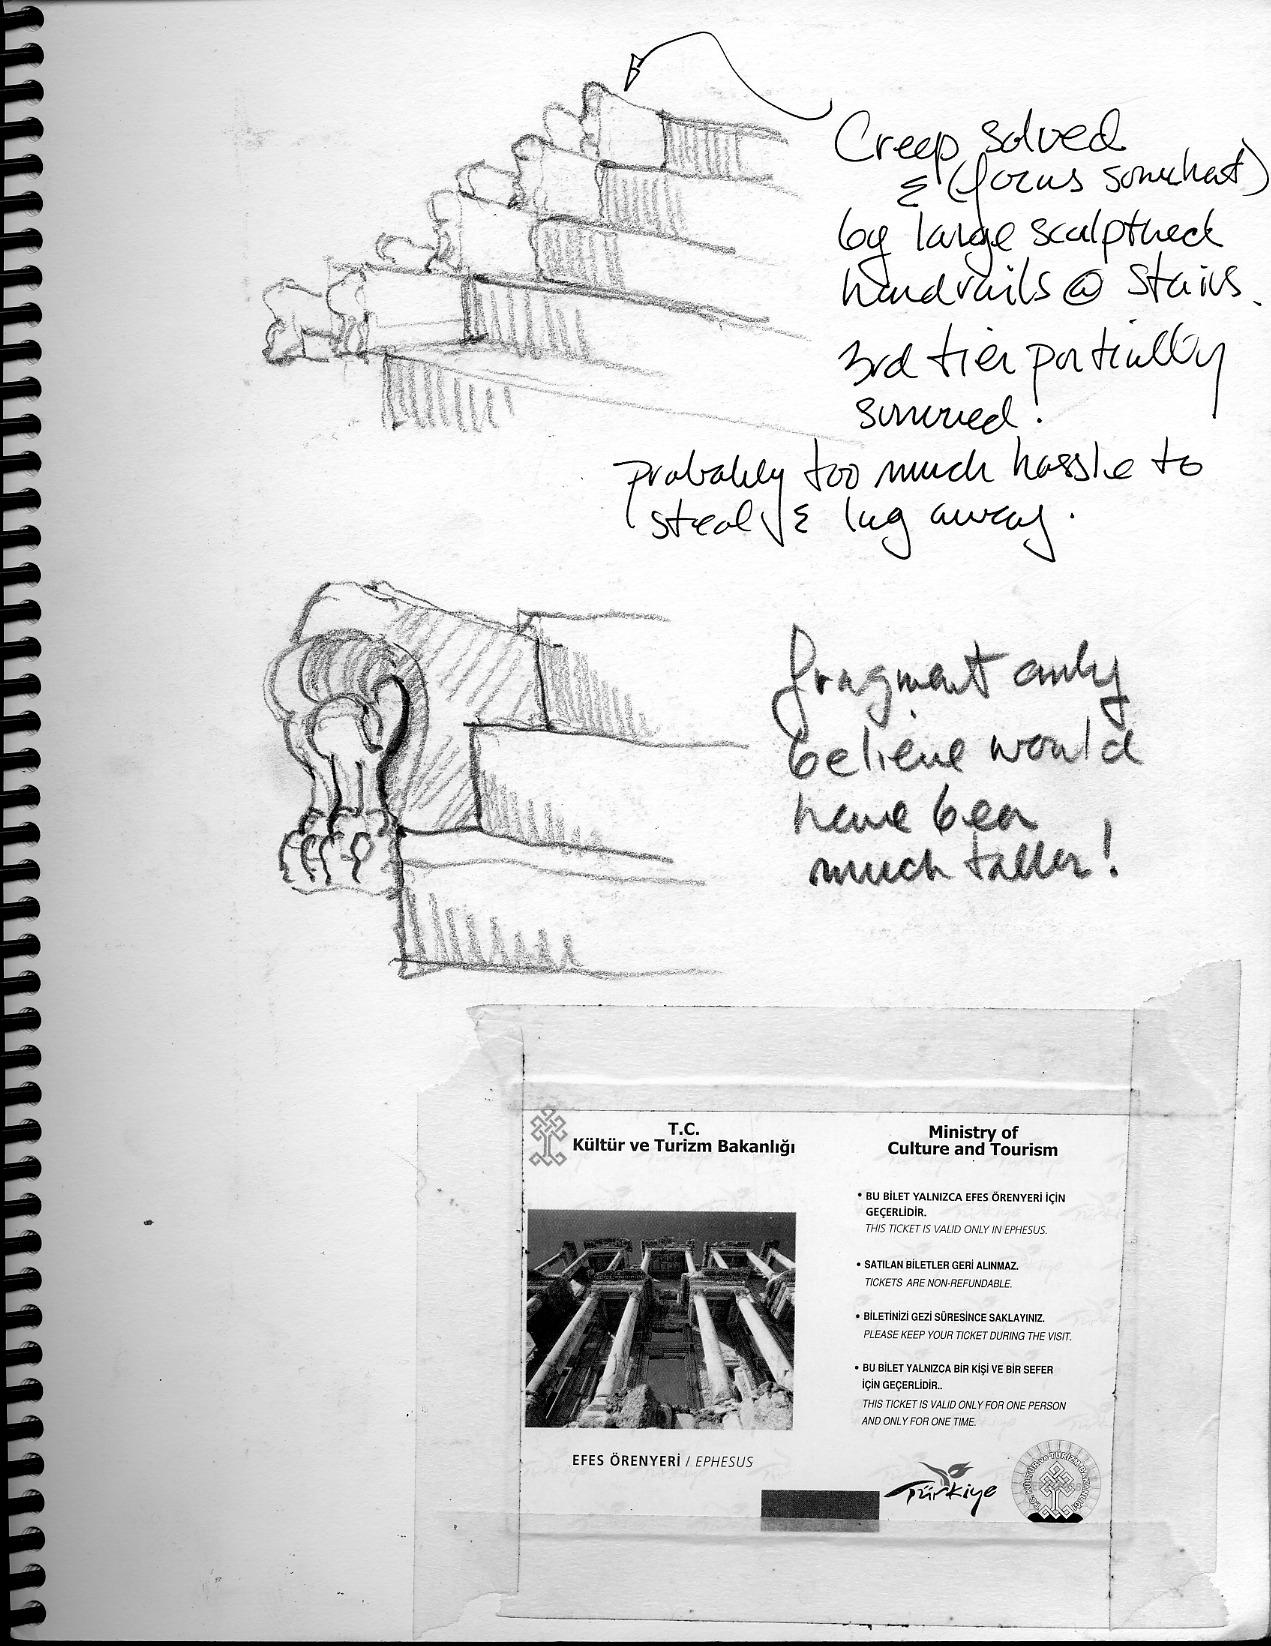 Book-pg44 -Ephesus.jpg